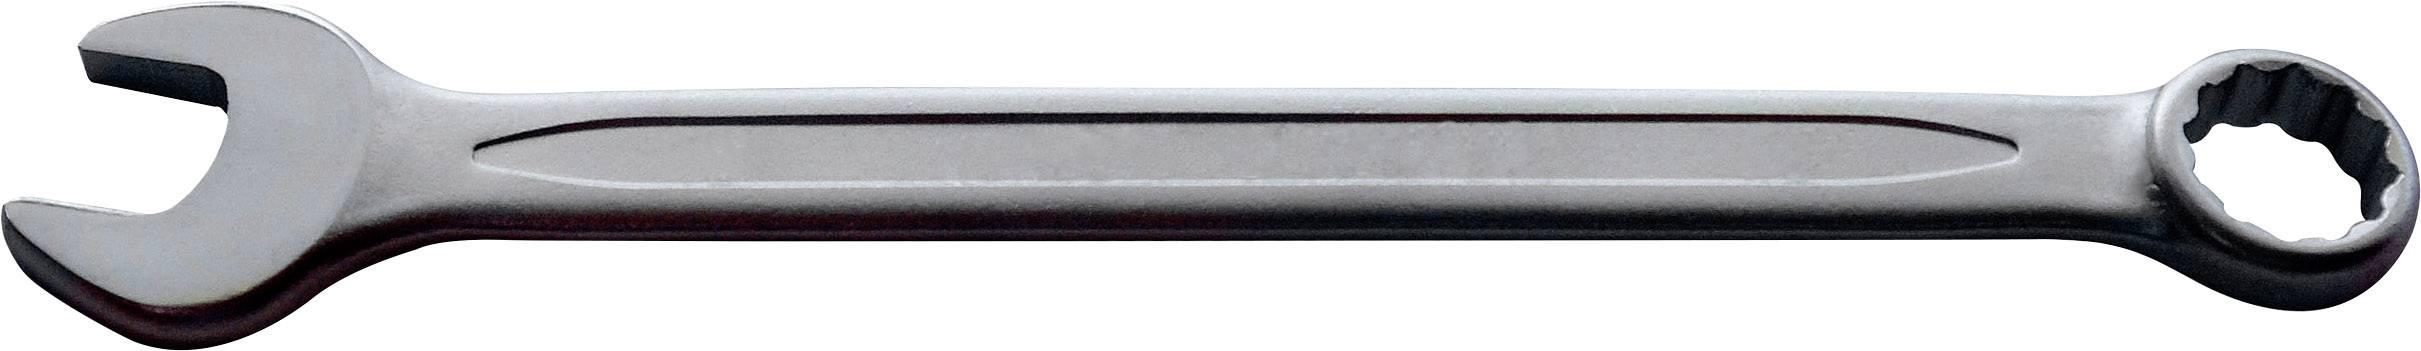 Očkoplochý klíč TOOLCRAFT 820834, DIN 3113 Form A, 10 mm